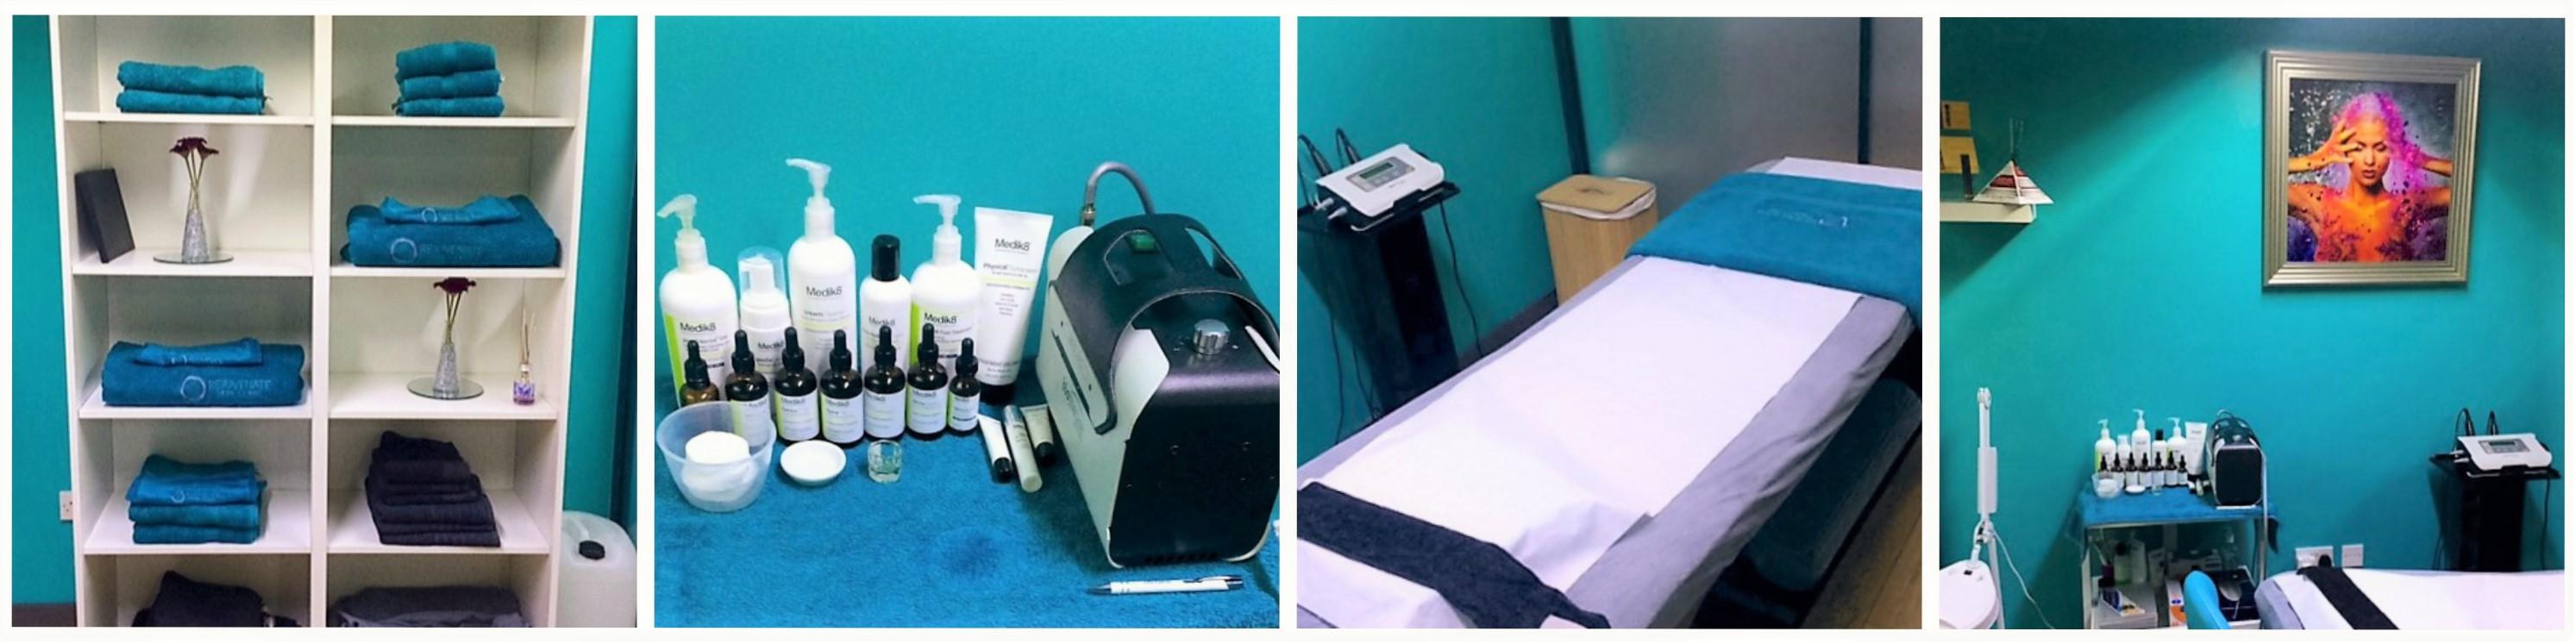 Enhancing natural beauty at Rejuvenate Skin Clinic